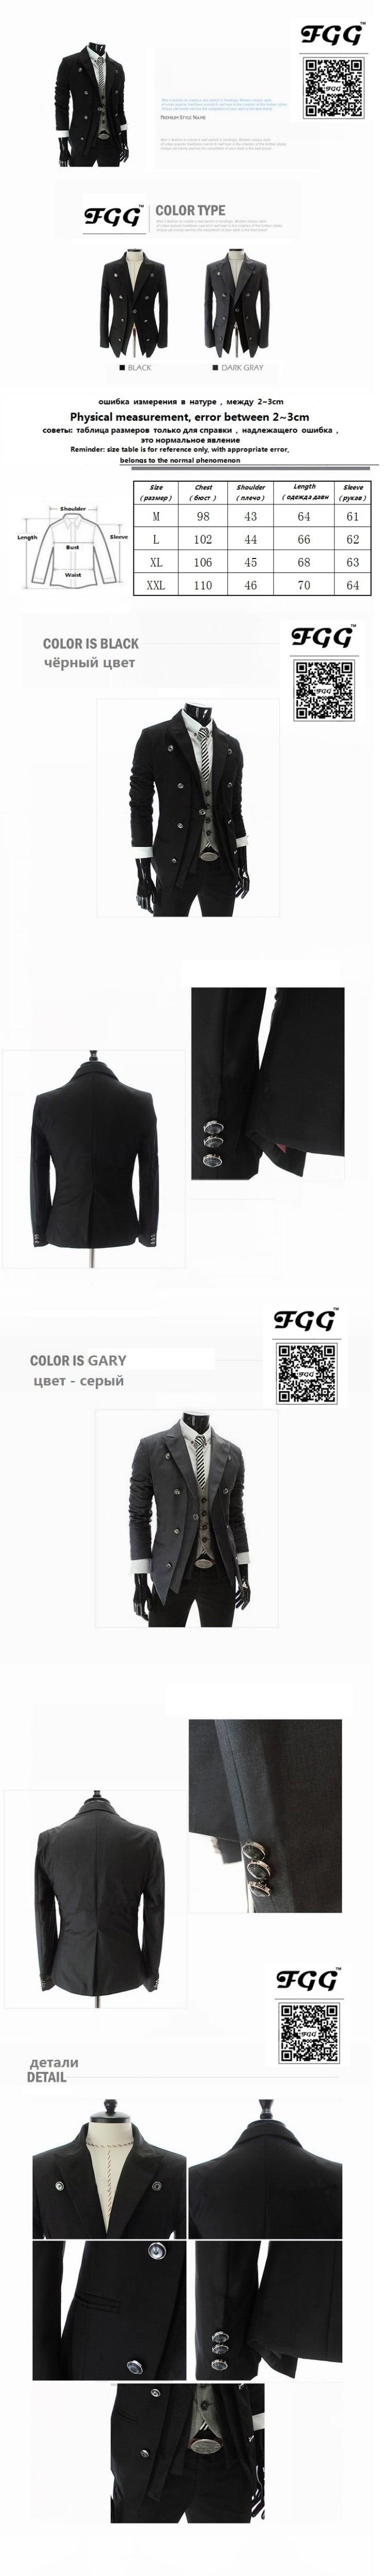 MDJ зимой Британский стиль пальто длинные двойной грудью мужские куртки бренда на открытом воздухе пальто черный